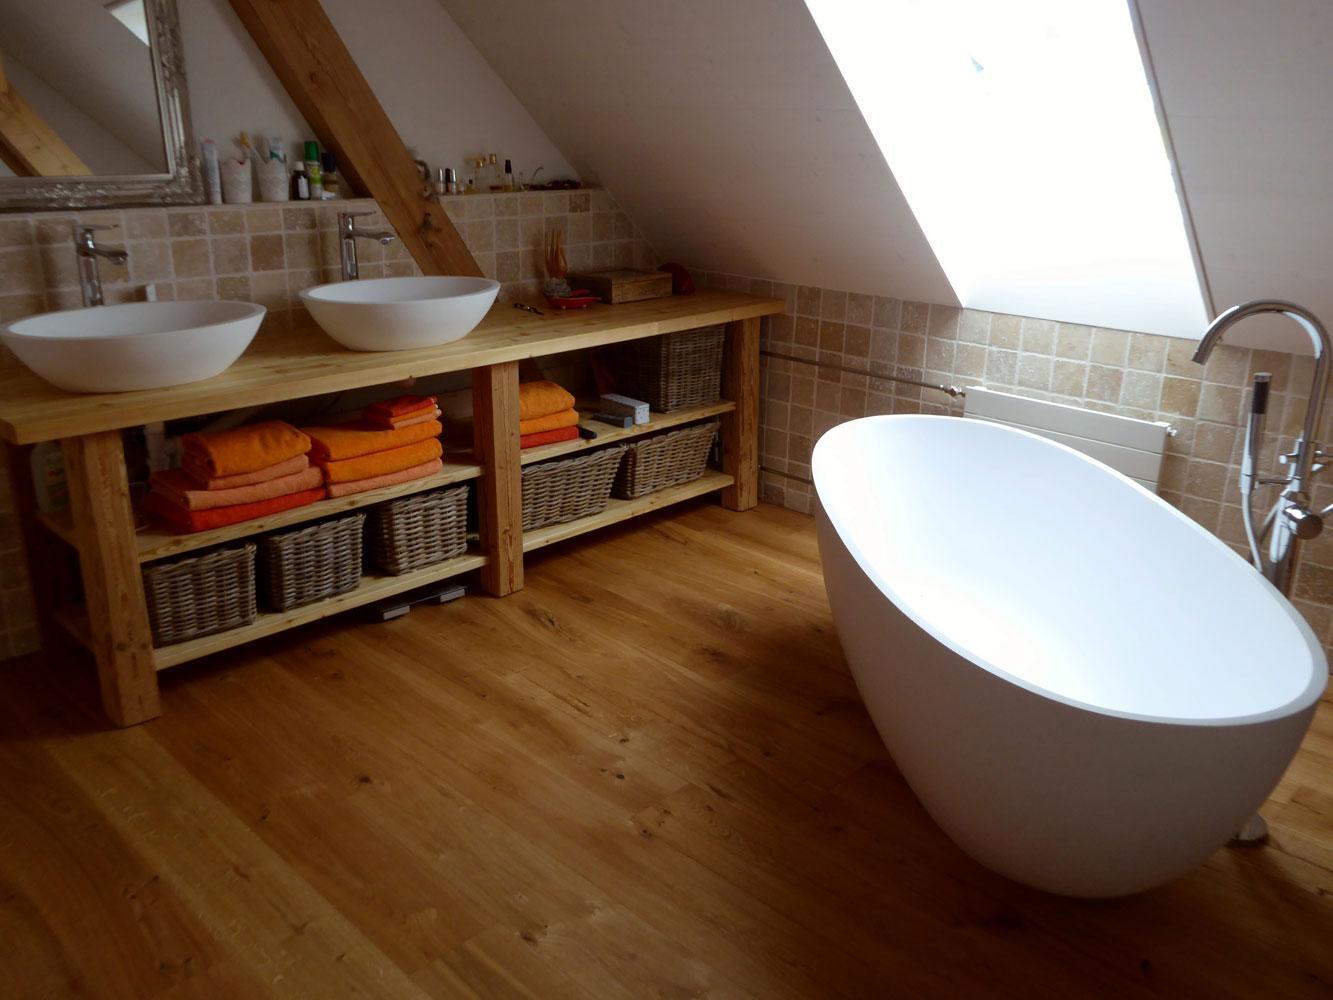 holzfensterladen bilder ideen couchstyle. Black Bedroom Furniture Sets. Home Design Ideas